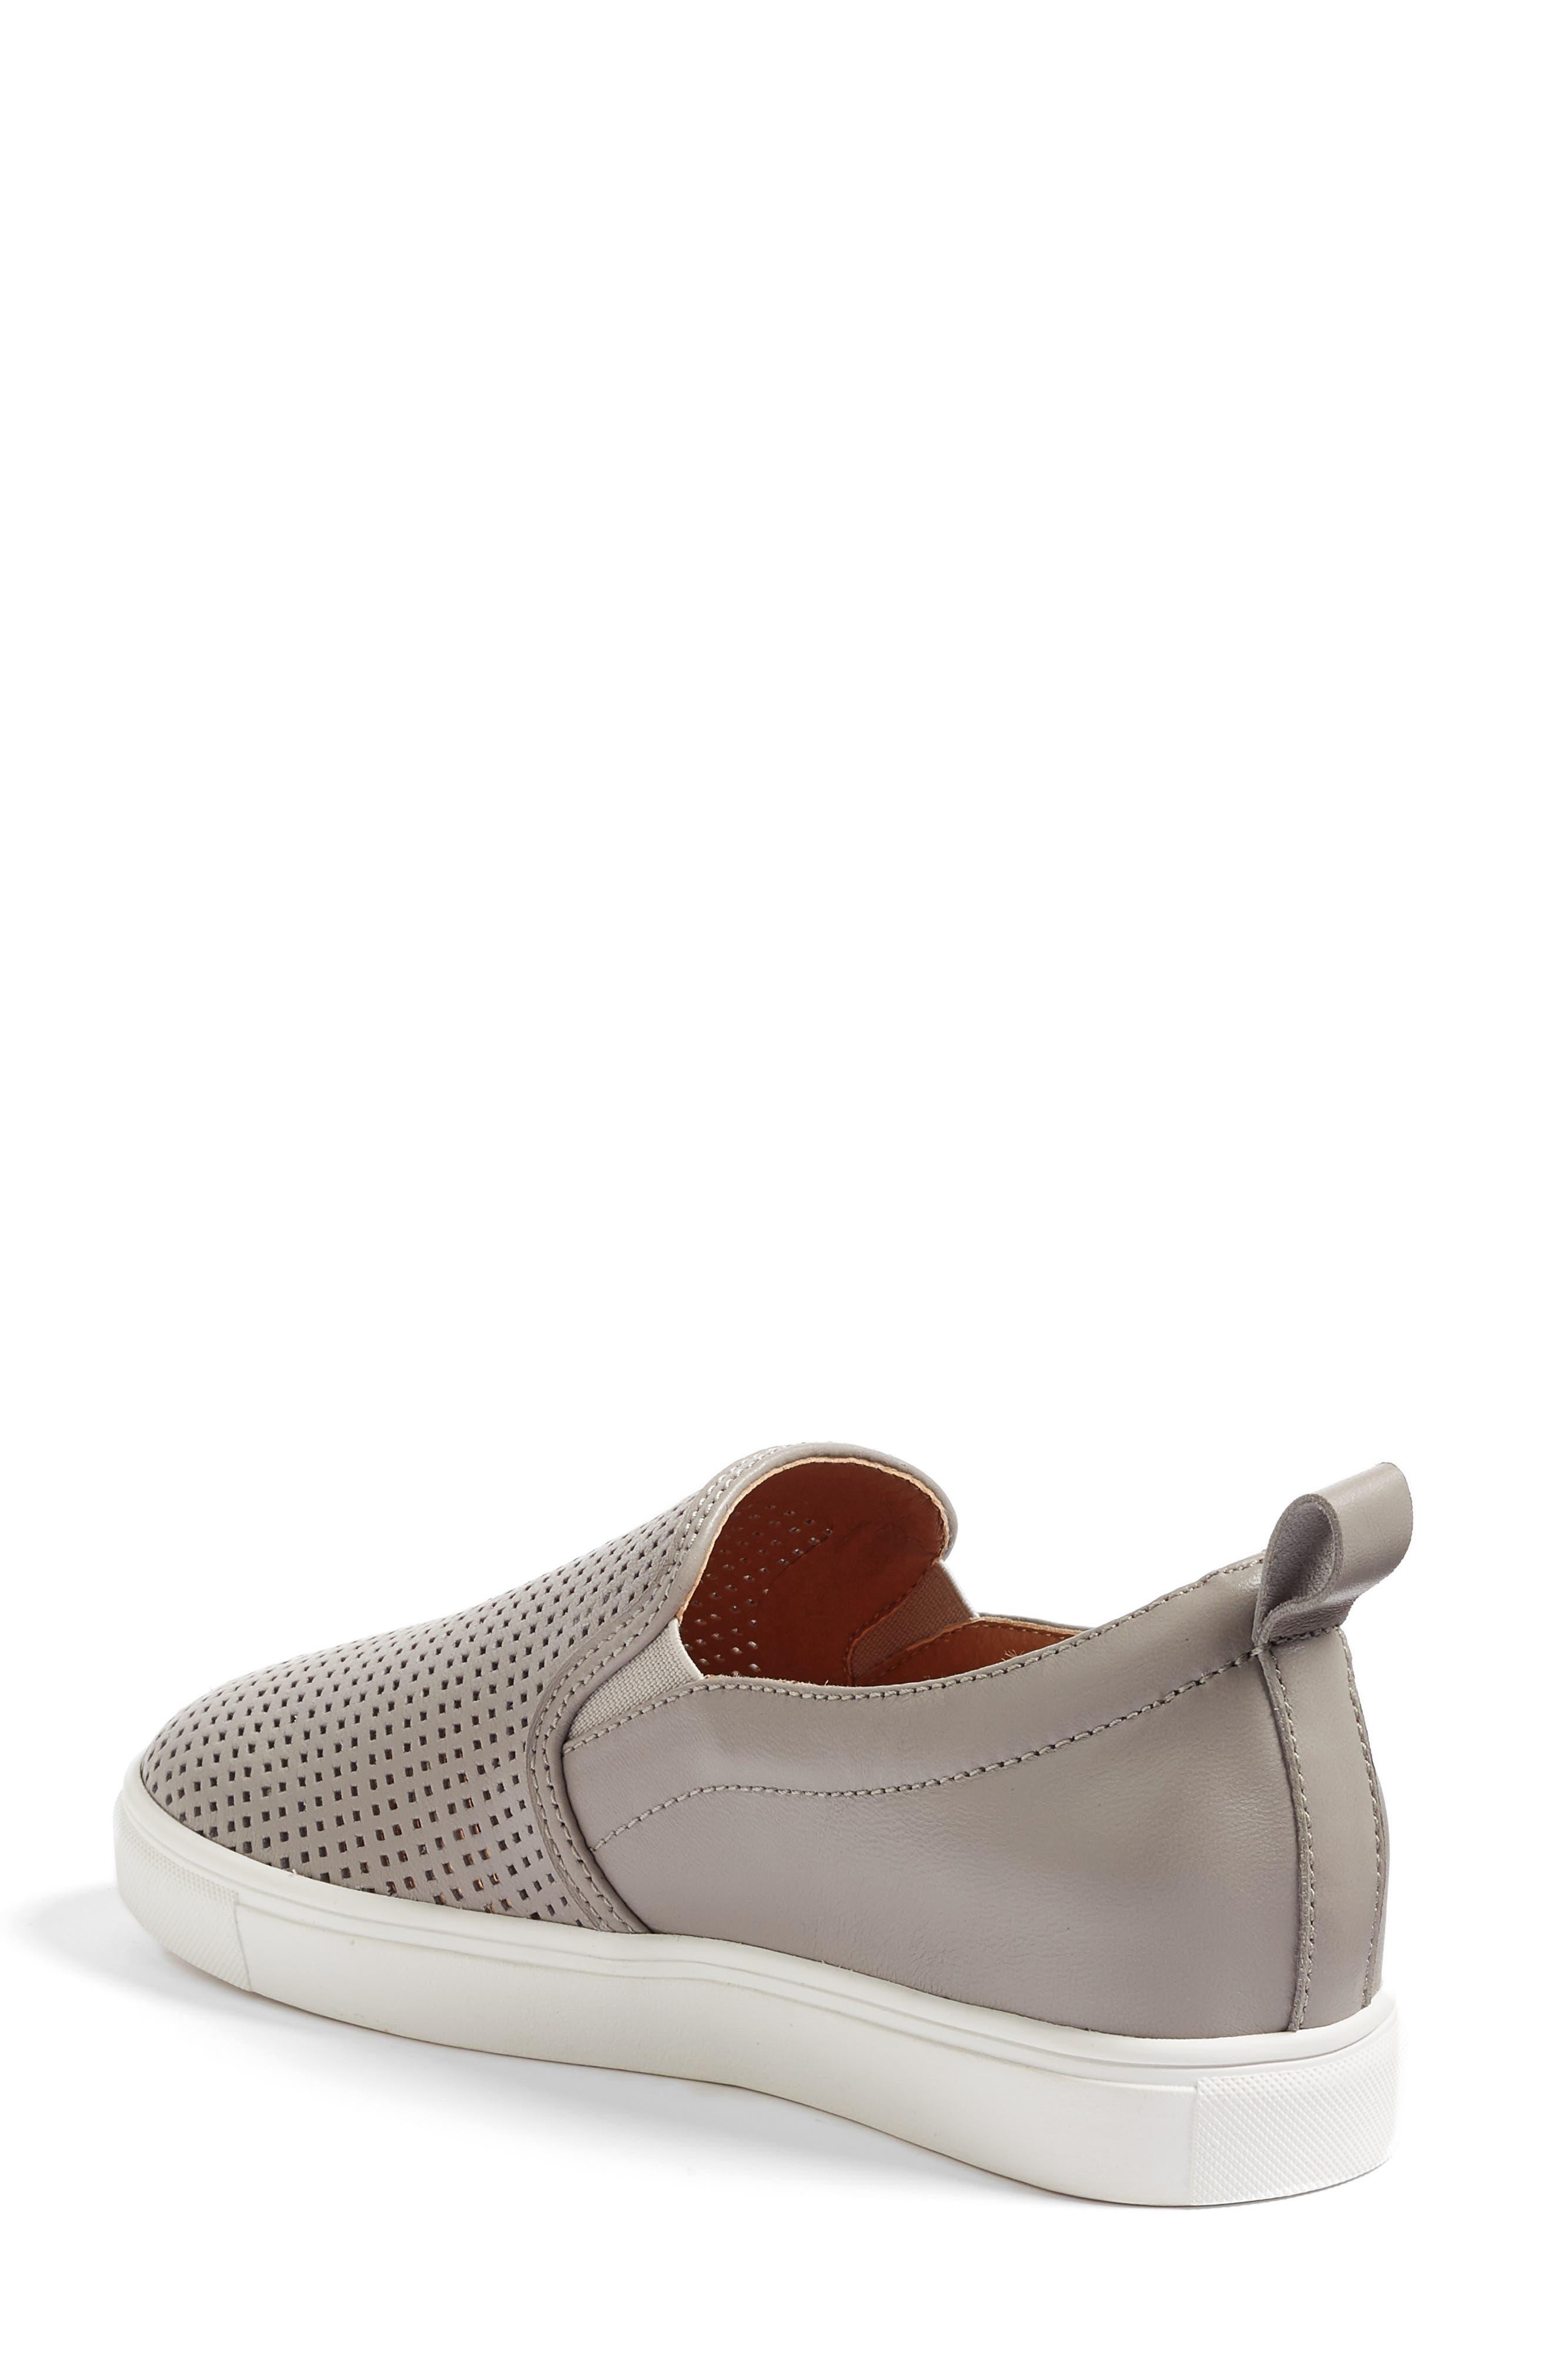 Eden Perforated Slip-On Sneaker,                             Alternate thumbnail 11, color,